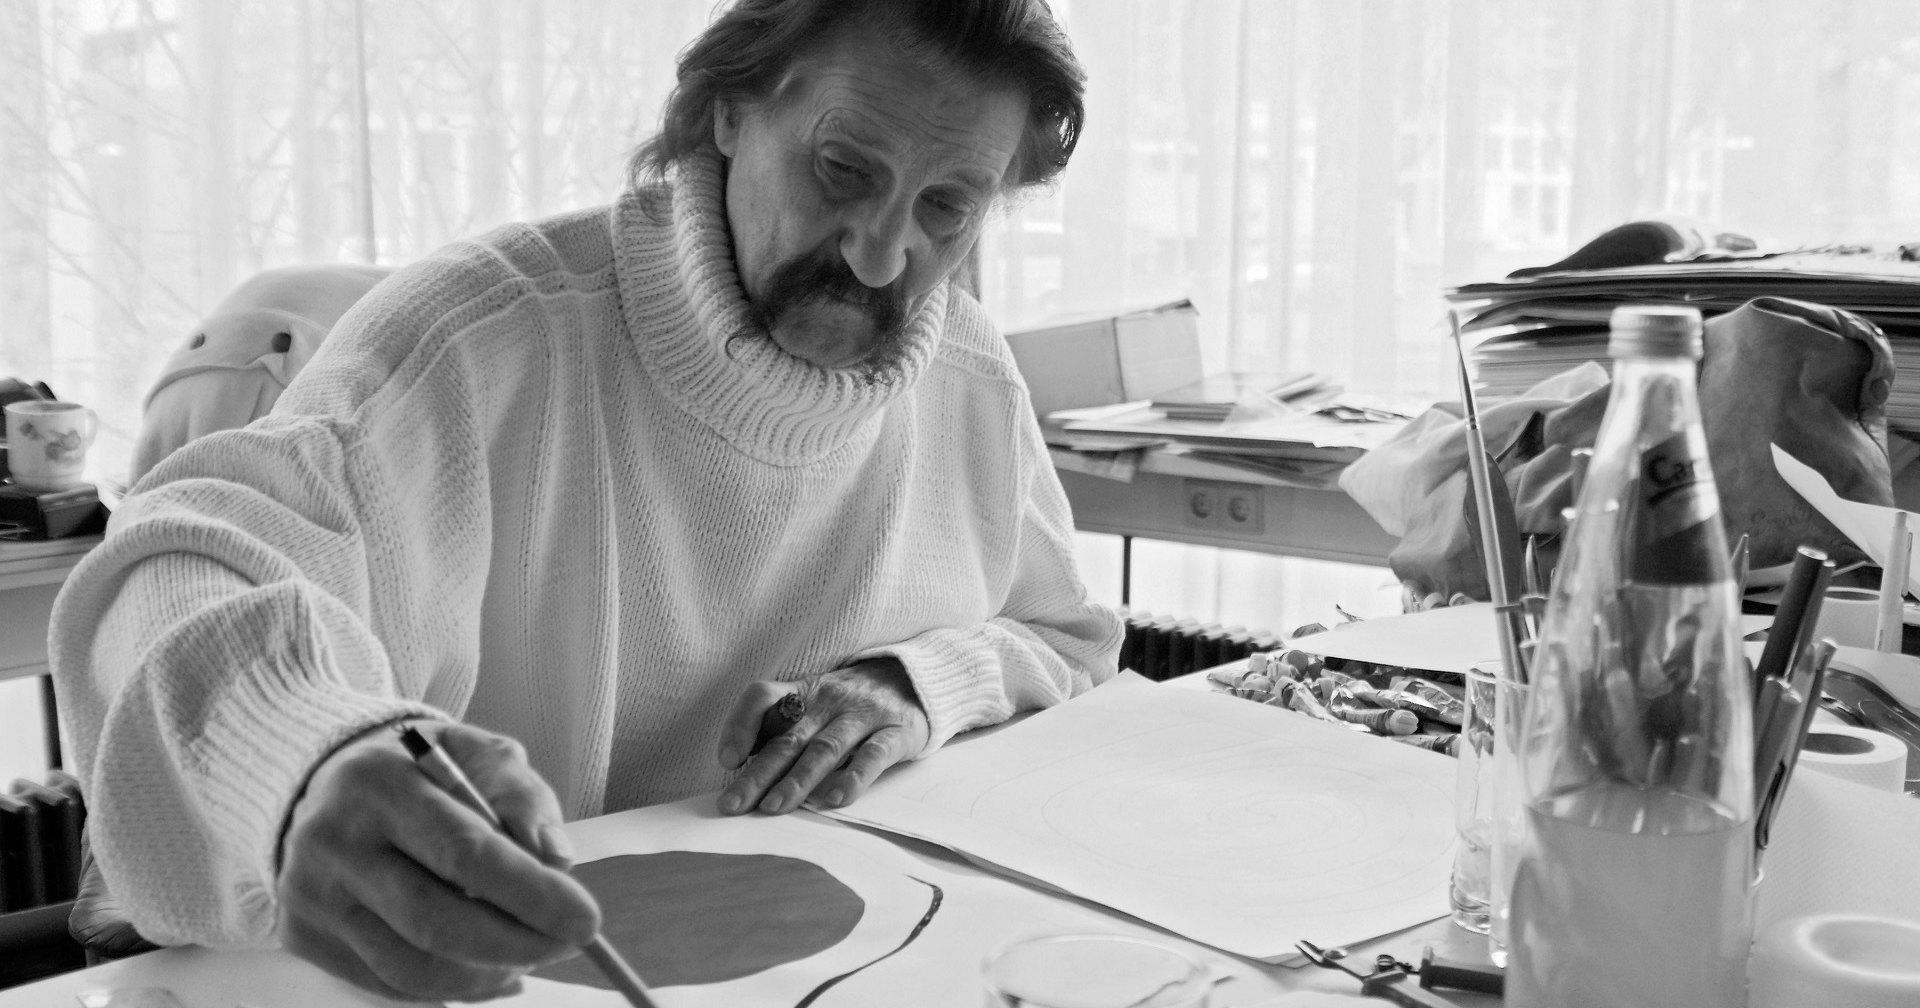 Умер знаменитый дизайнер Луиджи Колани